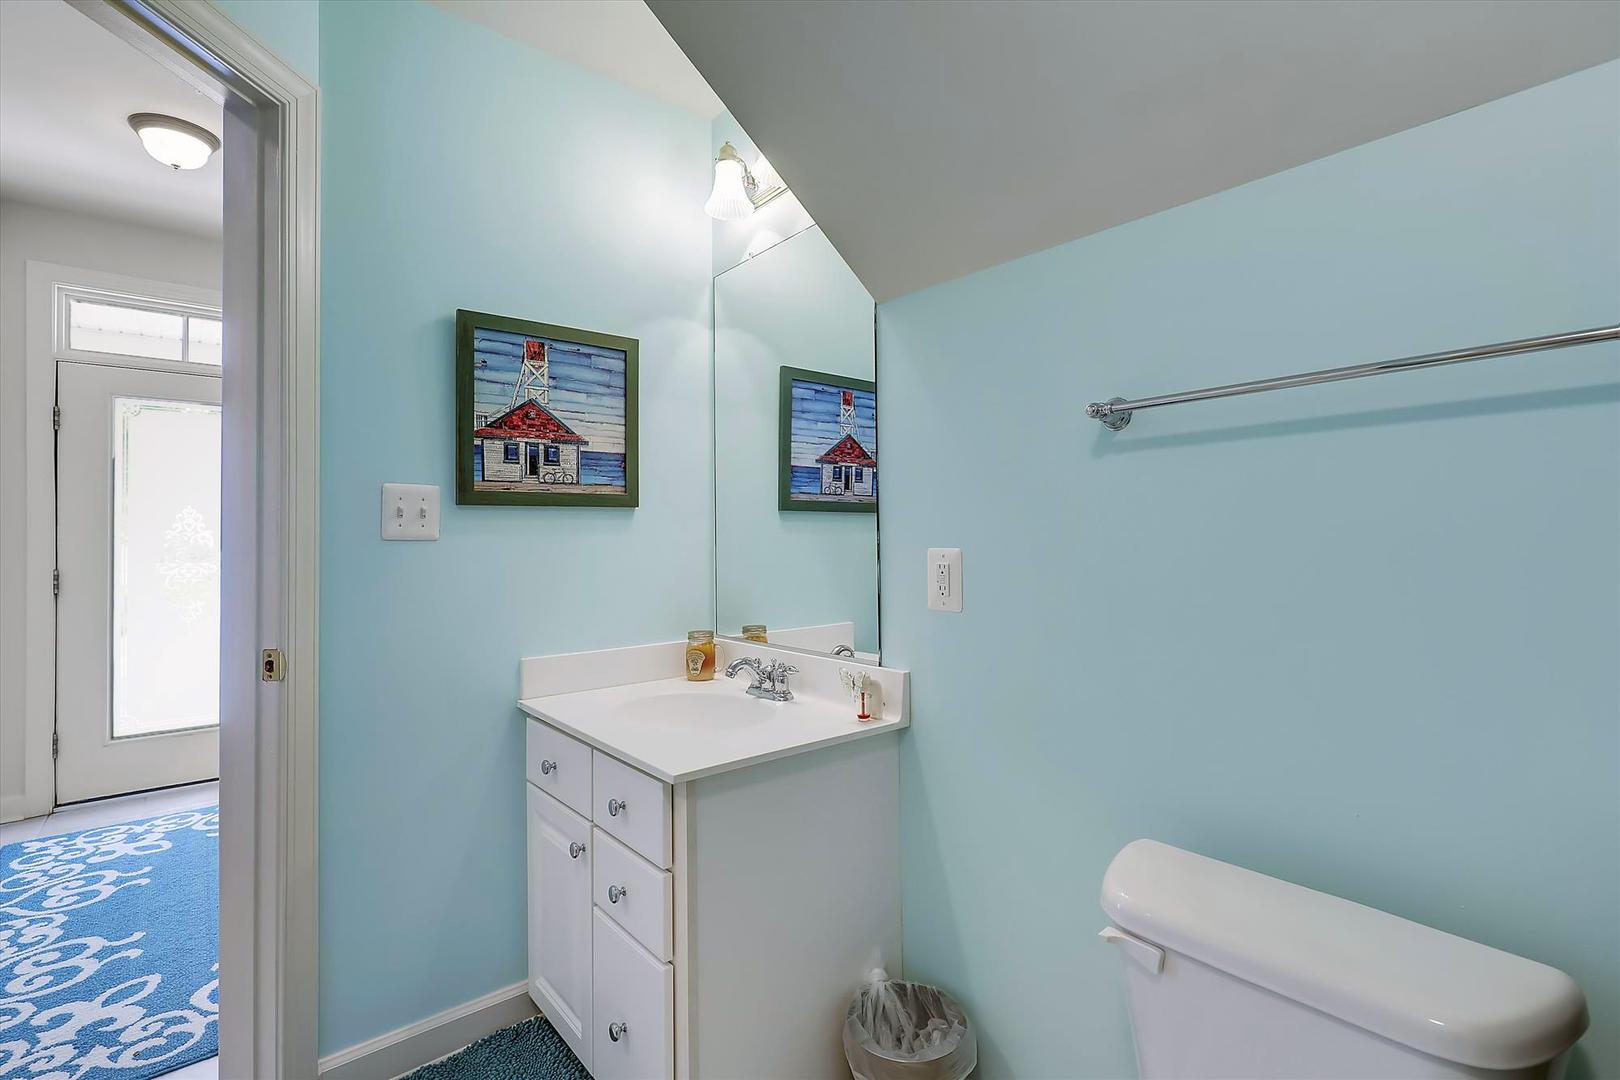 Sunset Island 17 Fountain Dr. W - 1st Floor Bathroom